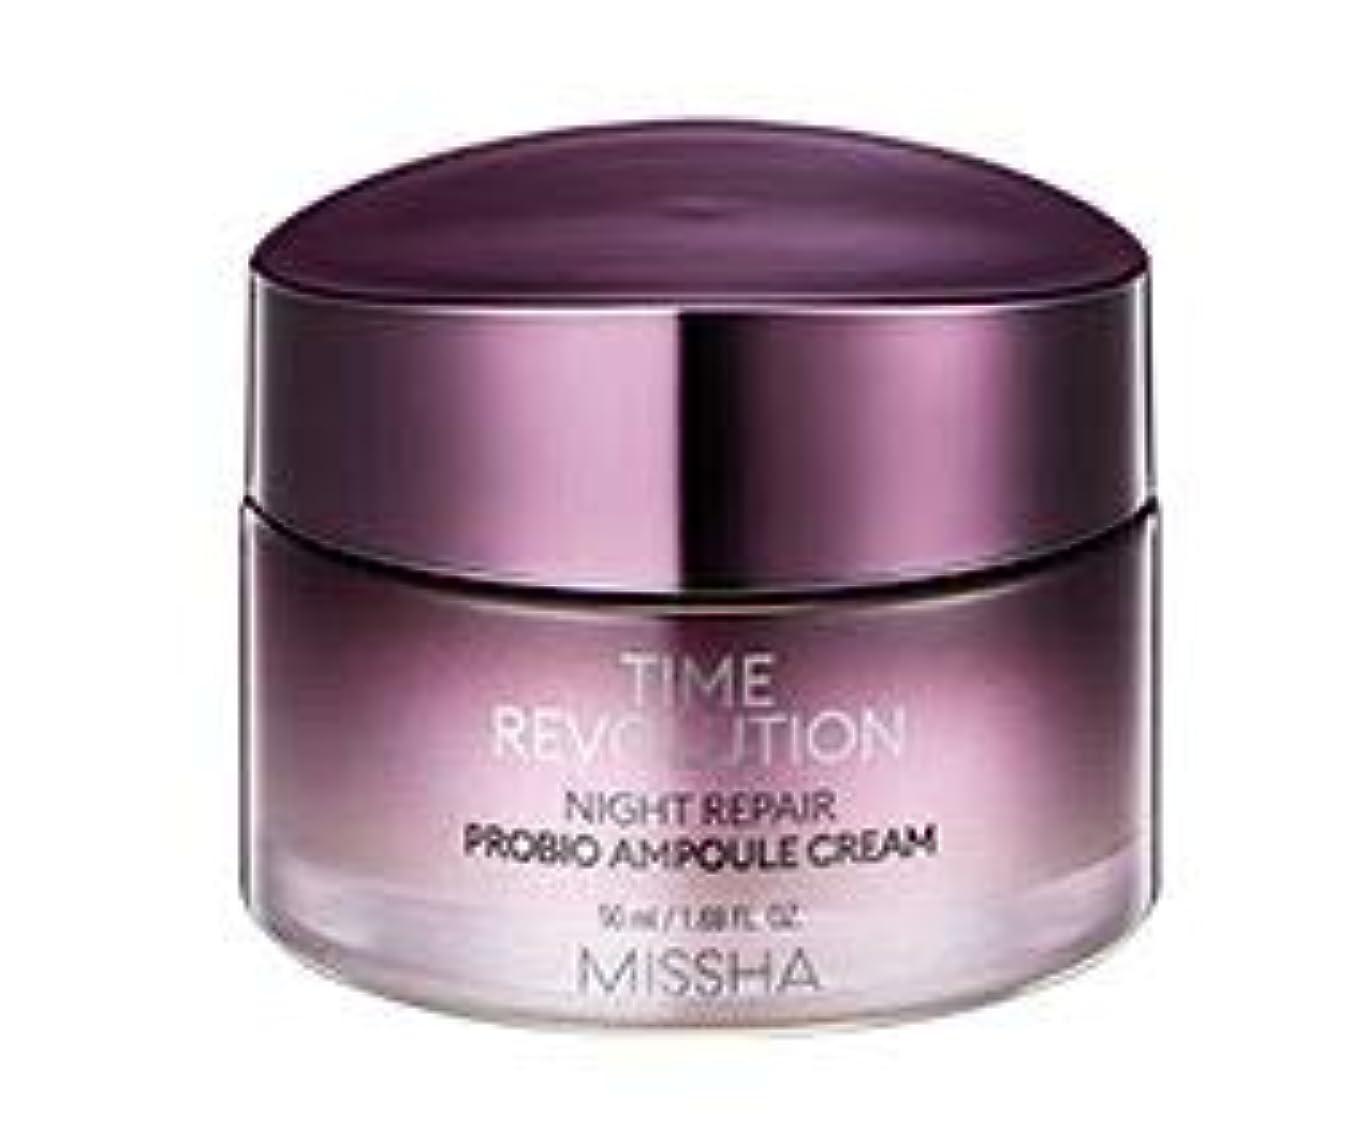 記憶に残る一致司教[NEW!!] MISSHA TIME REVOLUTION_Night Repair Probio Ampoule Cream ミシャ タイムレボリューション ナイト リペア プロバイオ アンプル クリーム 50ml [並行輸入品]